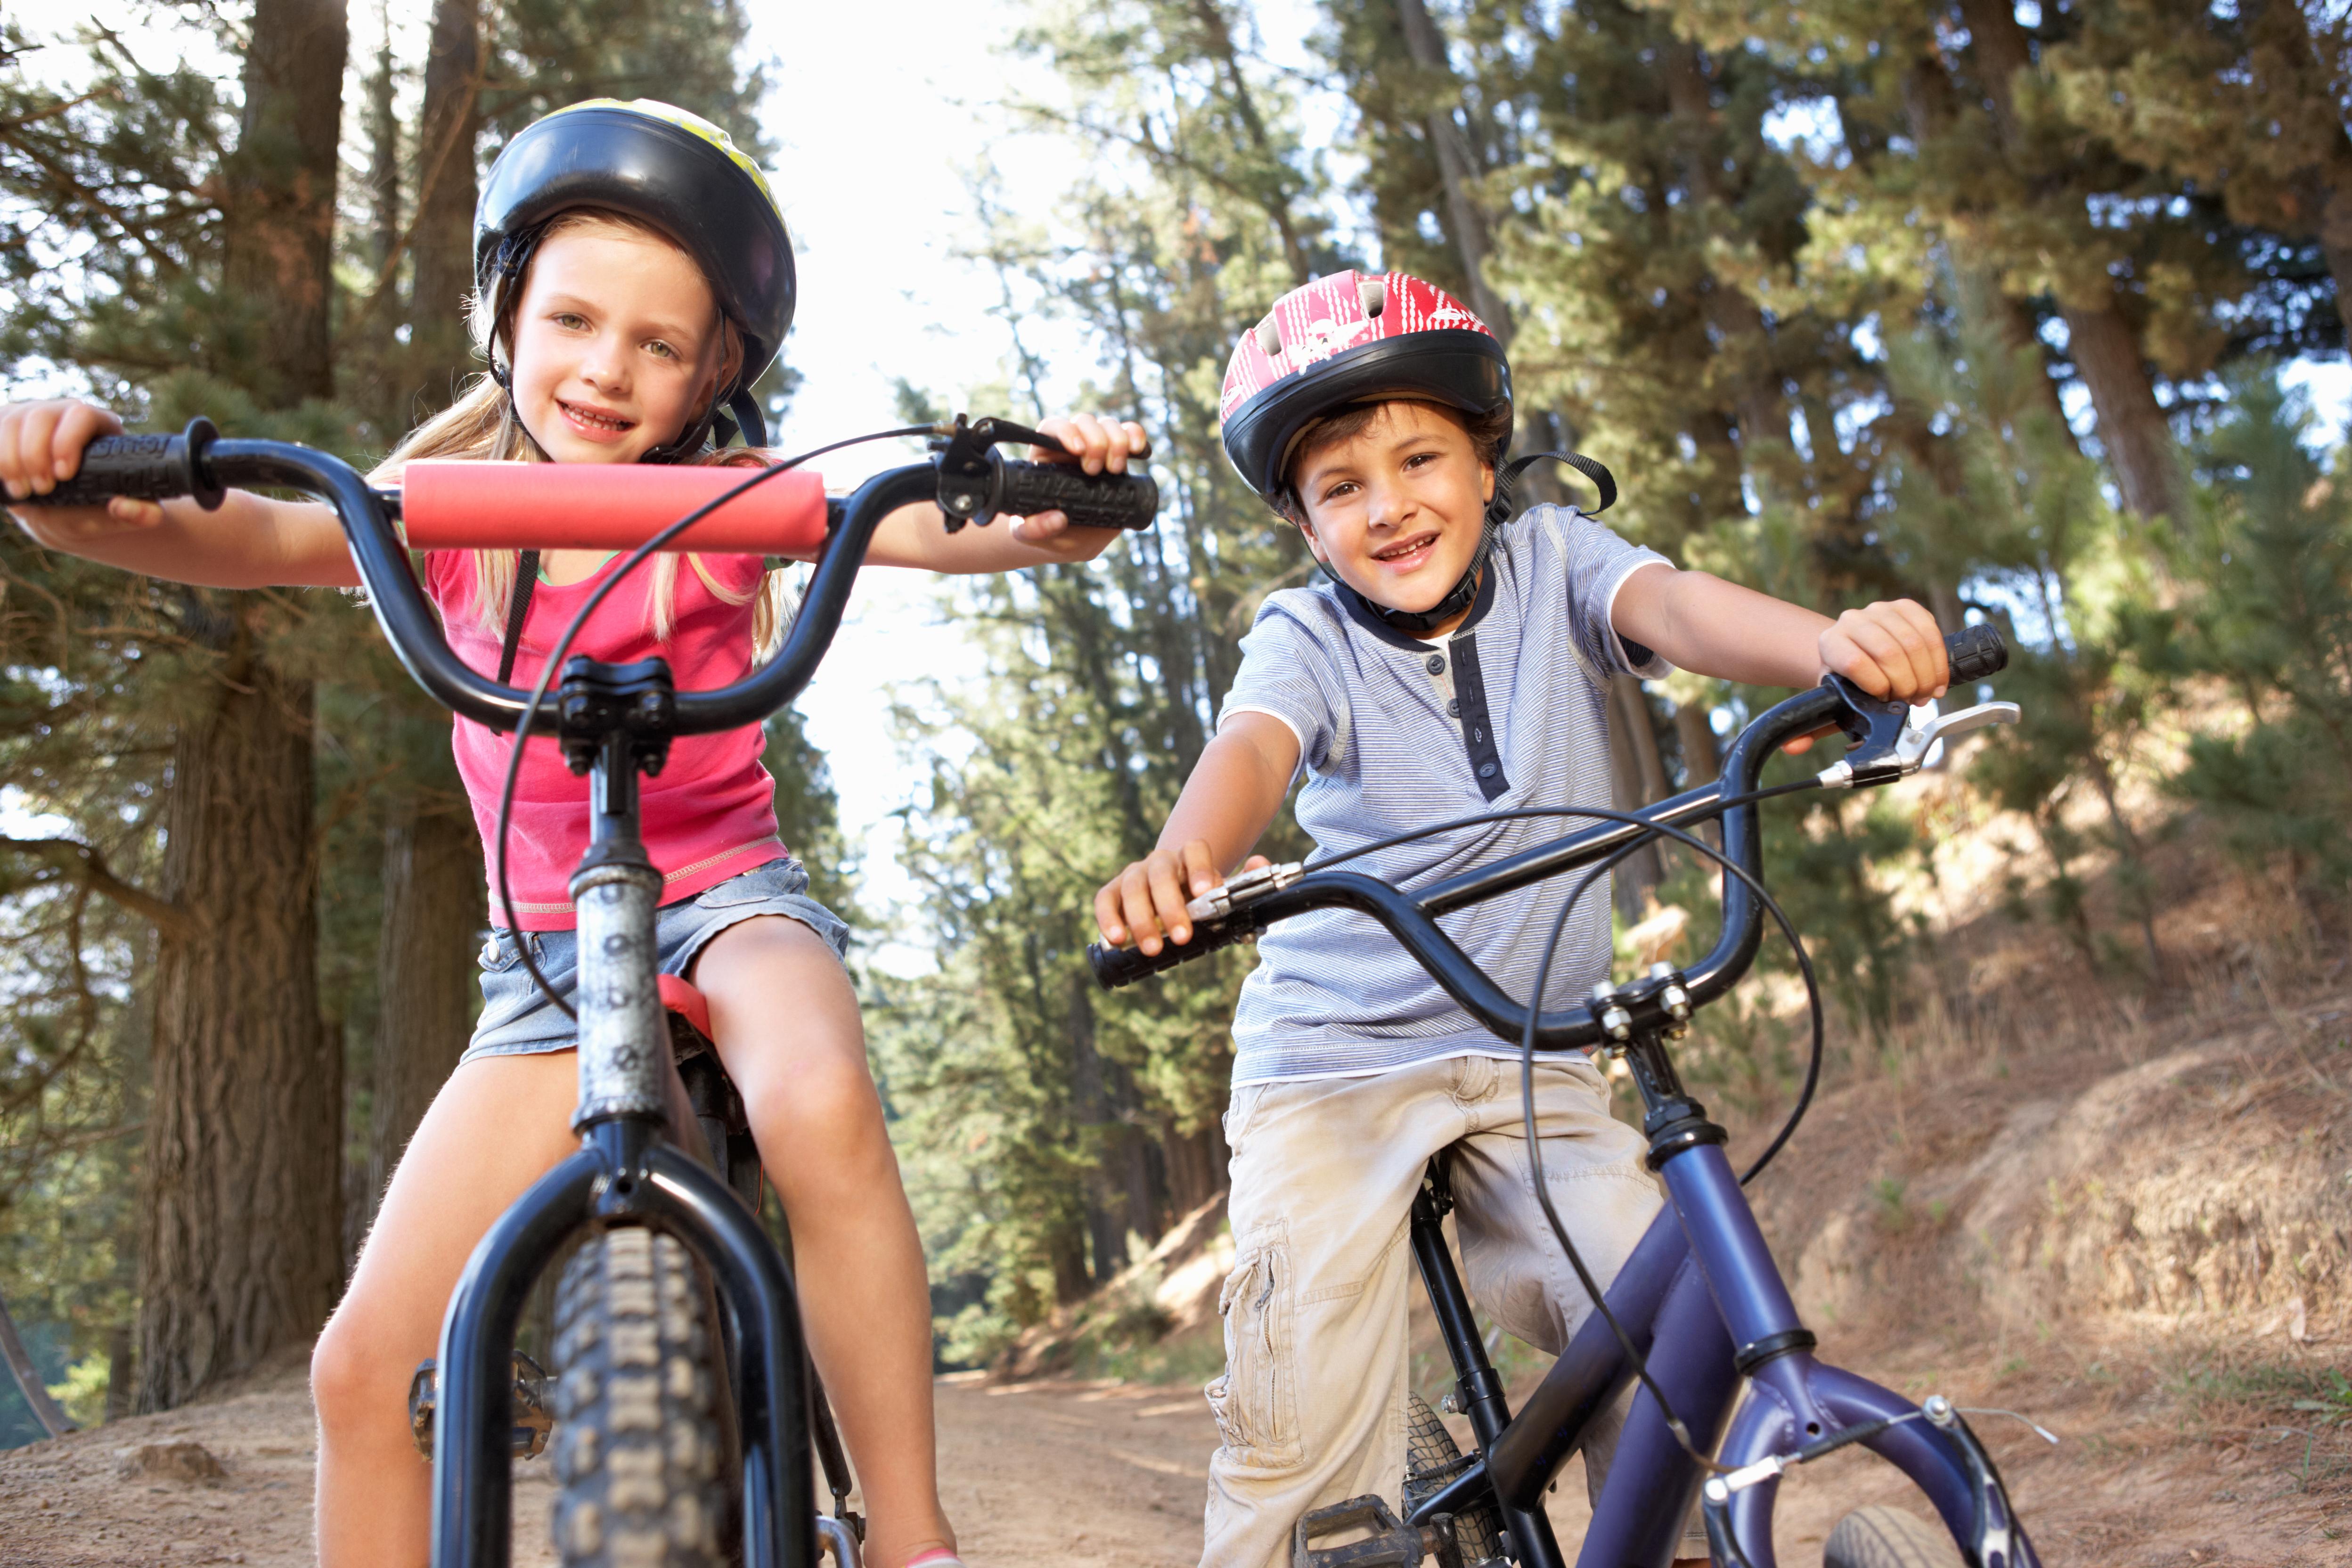 Maedchen und Junge auf Rädern